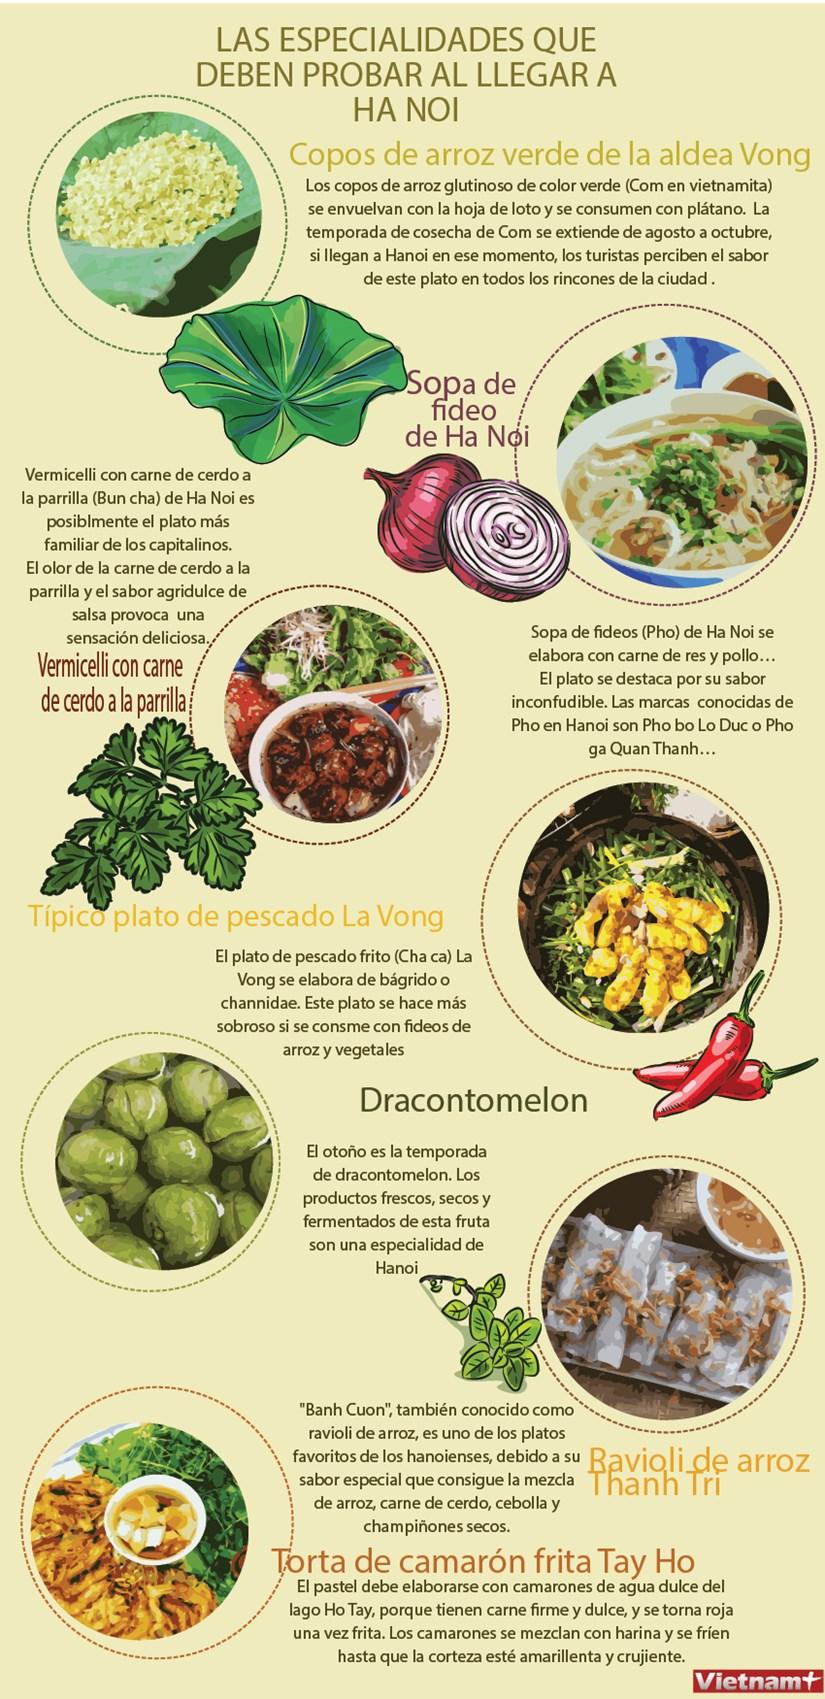 Las especialidades que deben probar al llegar a Hanoi hinh anh 1